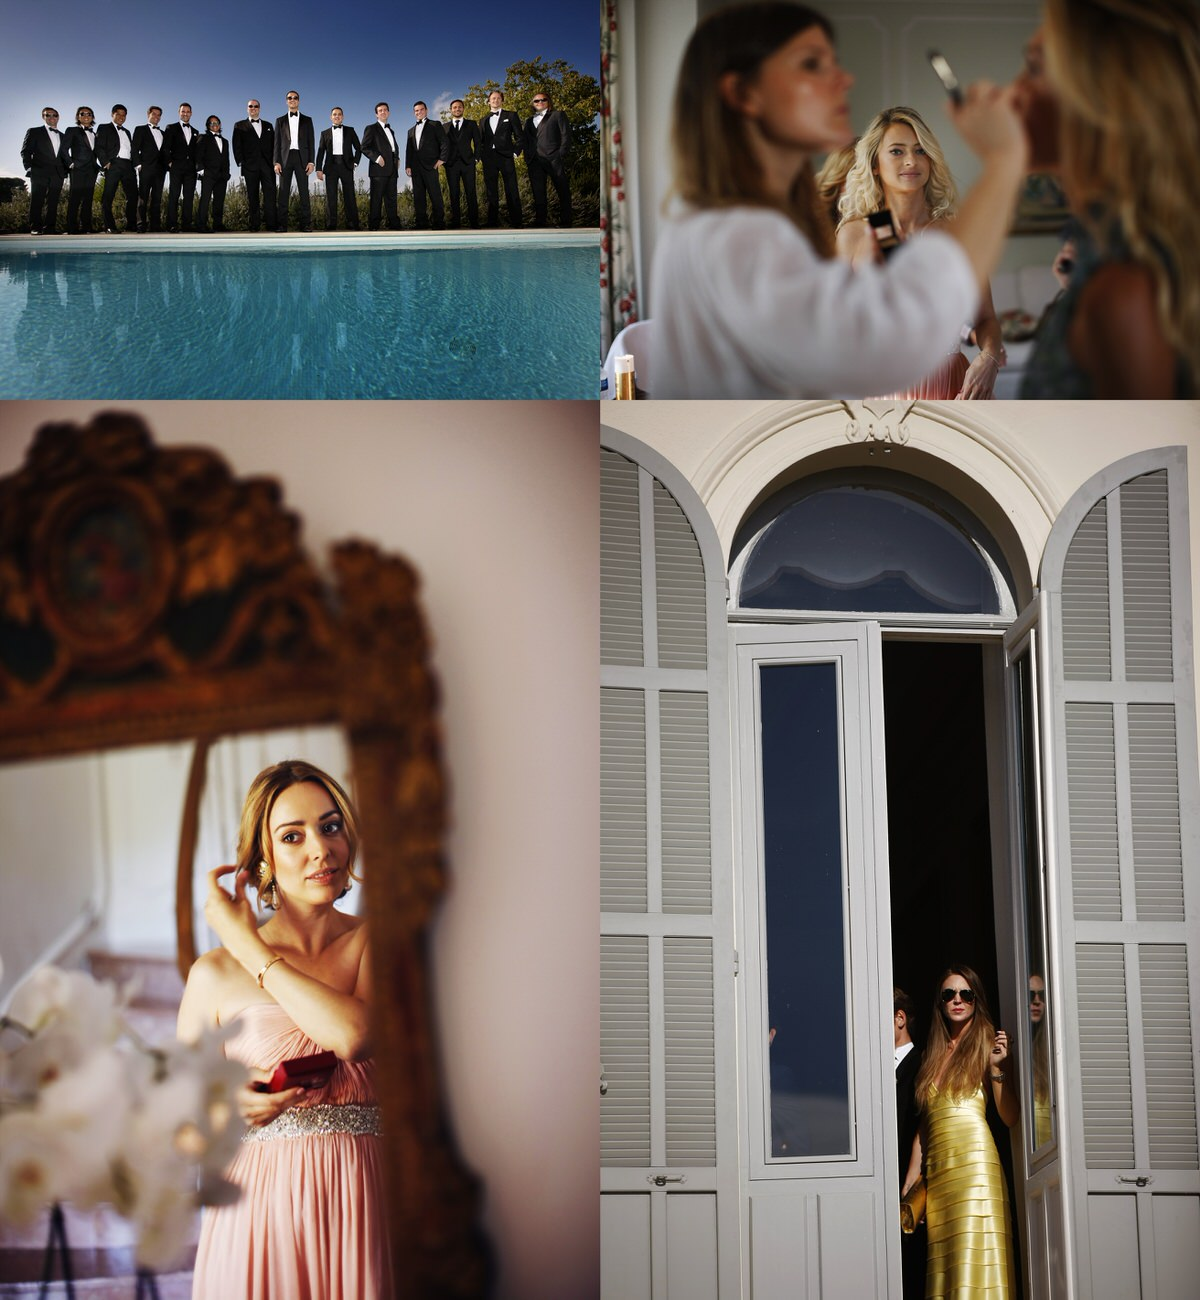 french-wedding-wedding-in-france-destination-wedding-photographer_0006.jpg